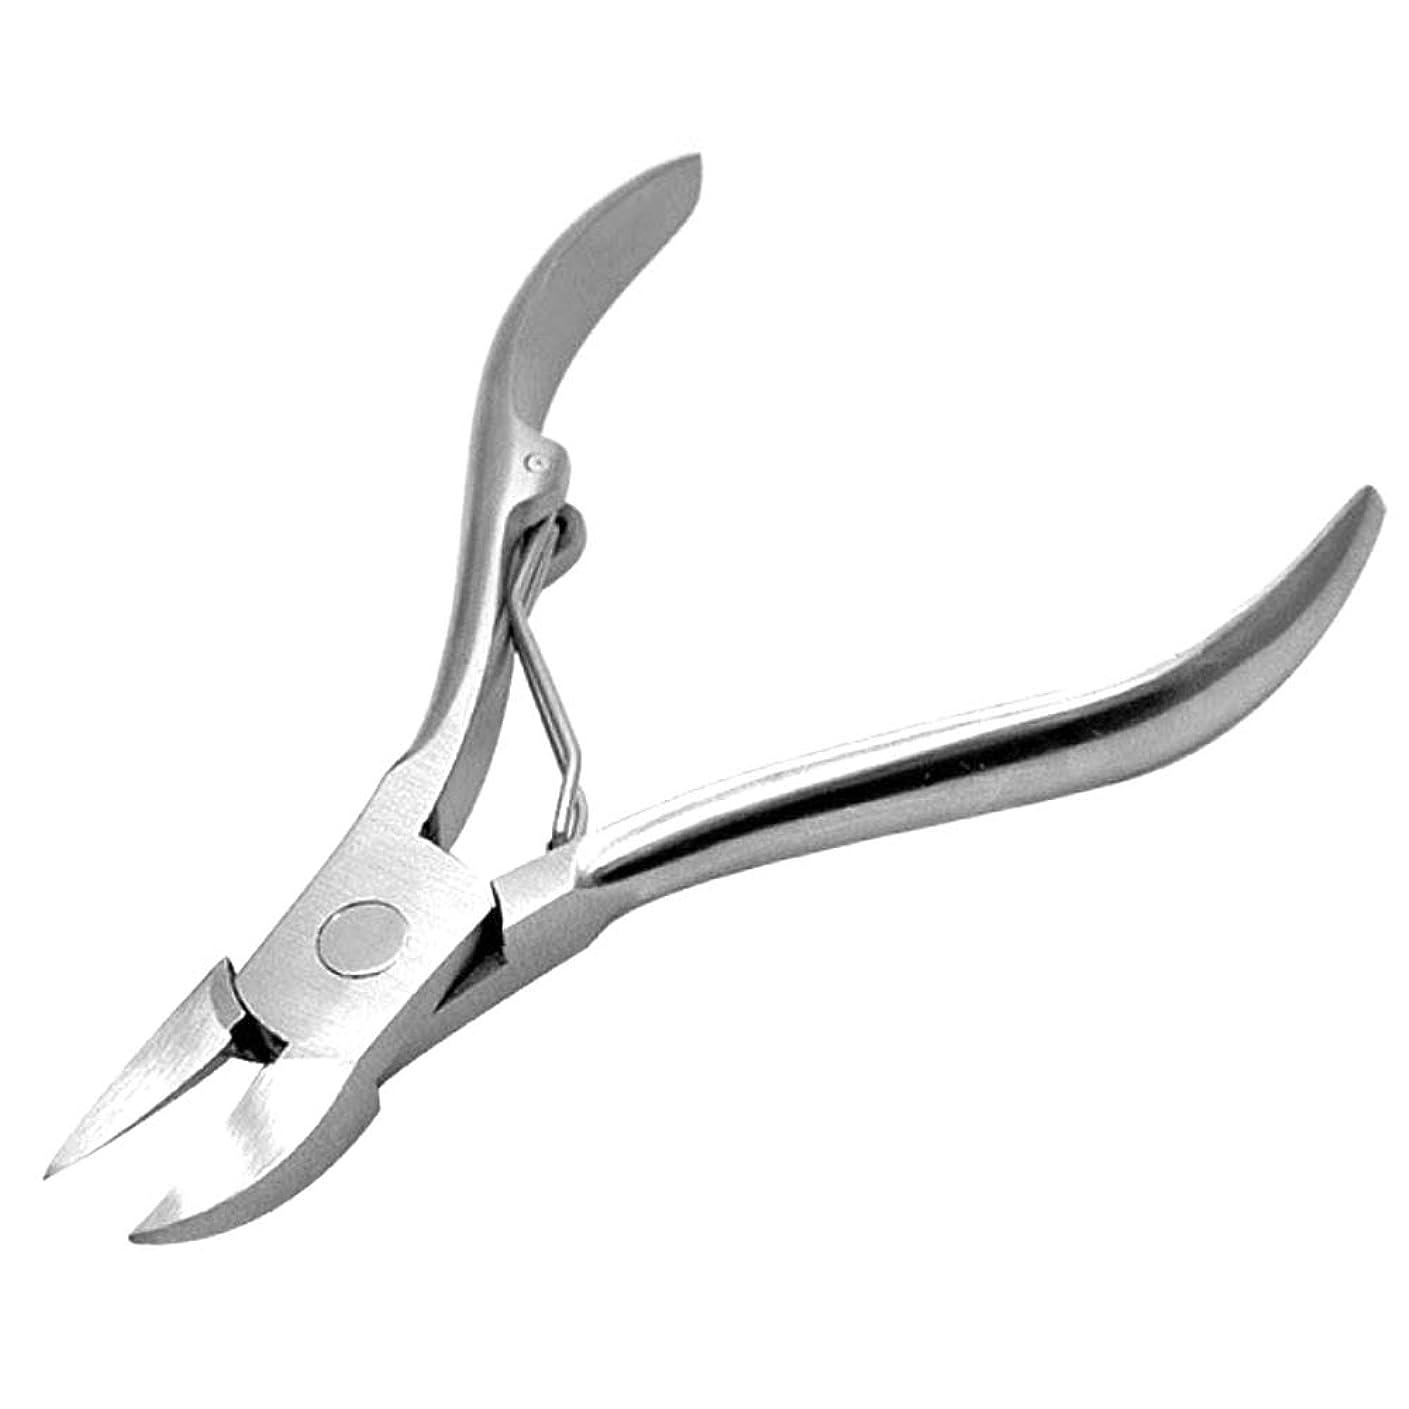 滅多看板突然耐性爪爪をトリミングする自己管理整理機削りニッパー